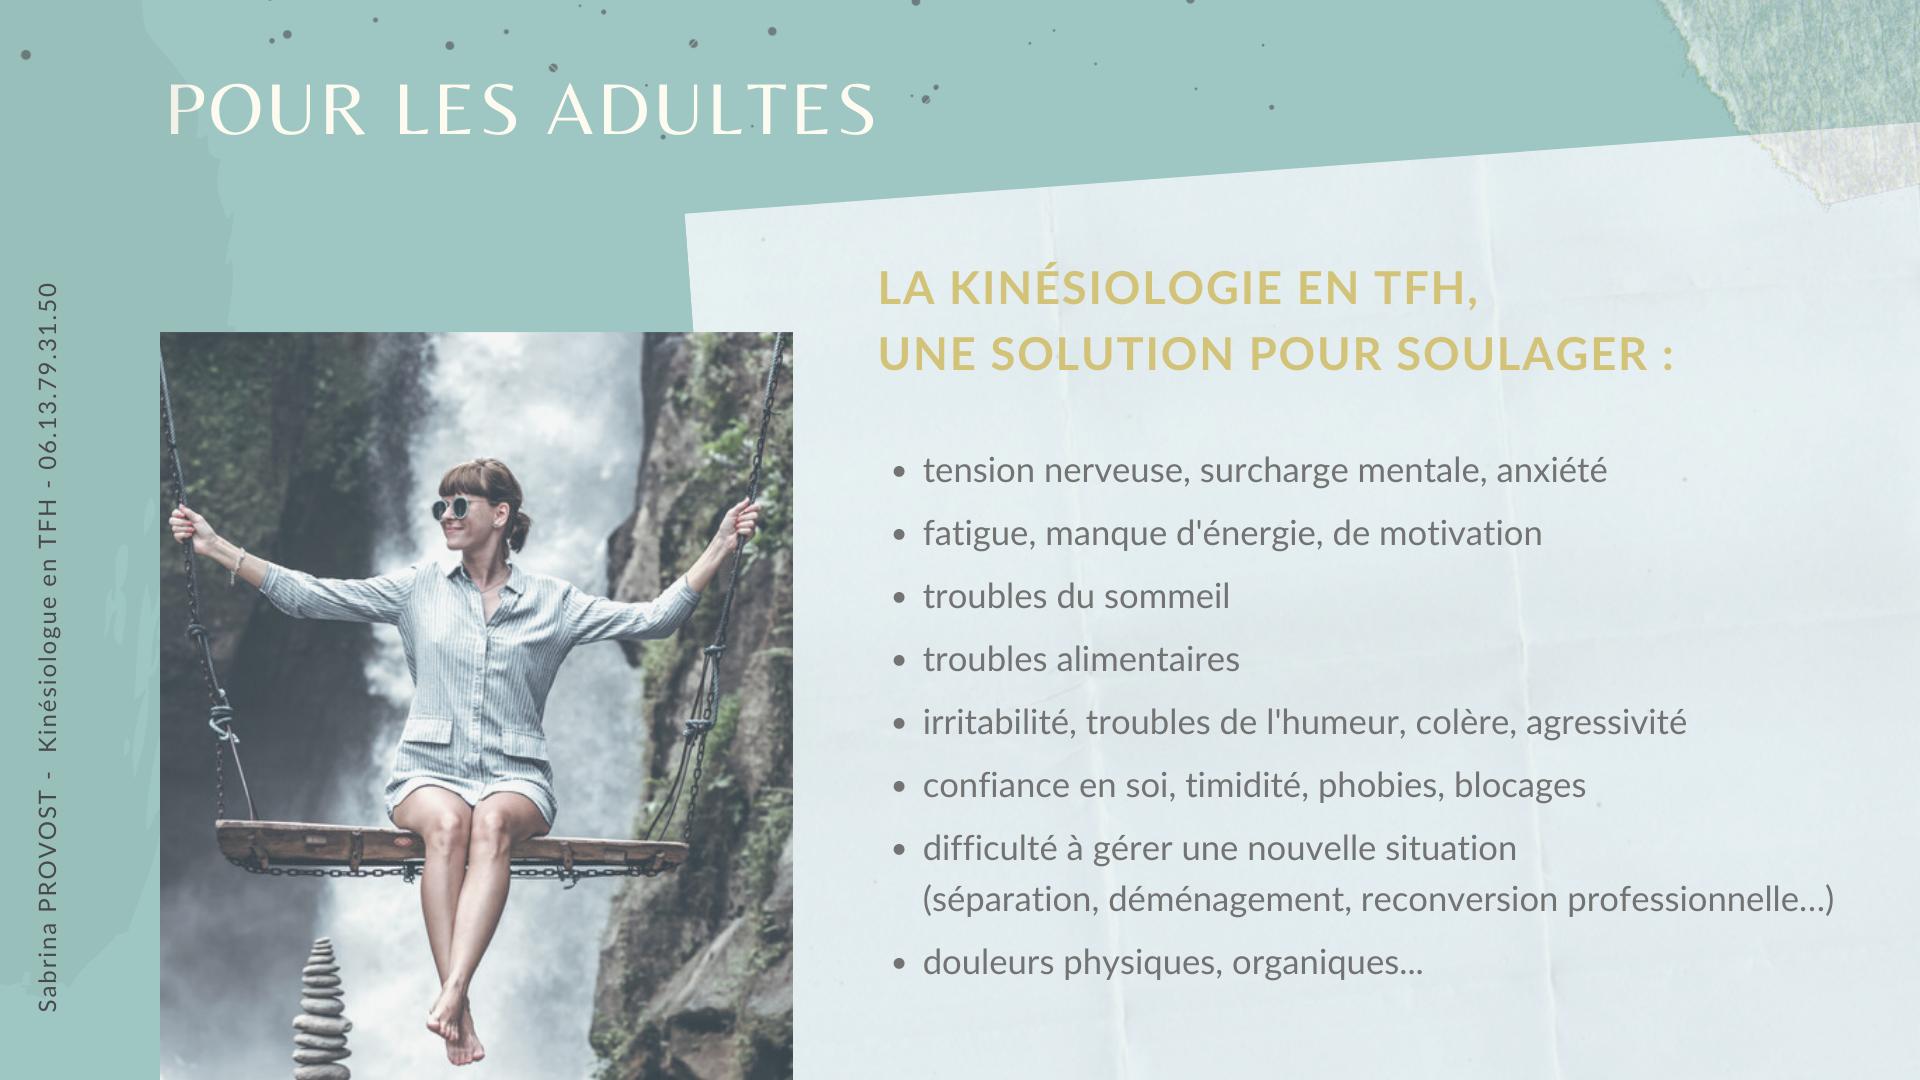 La kinésiologie en TFH, pour les adultes